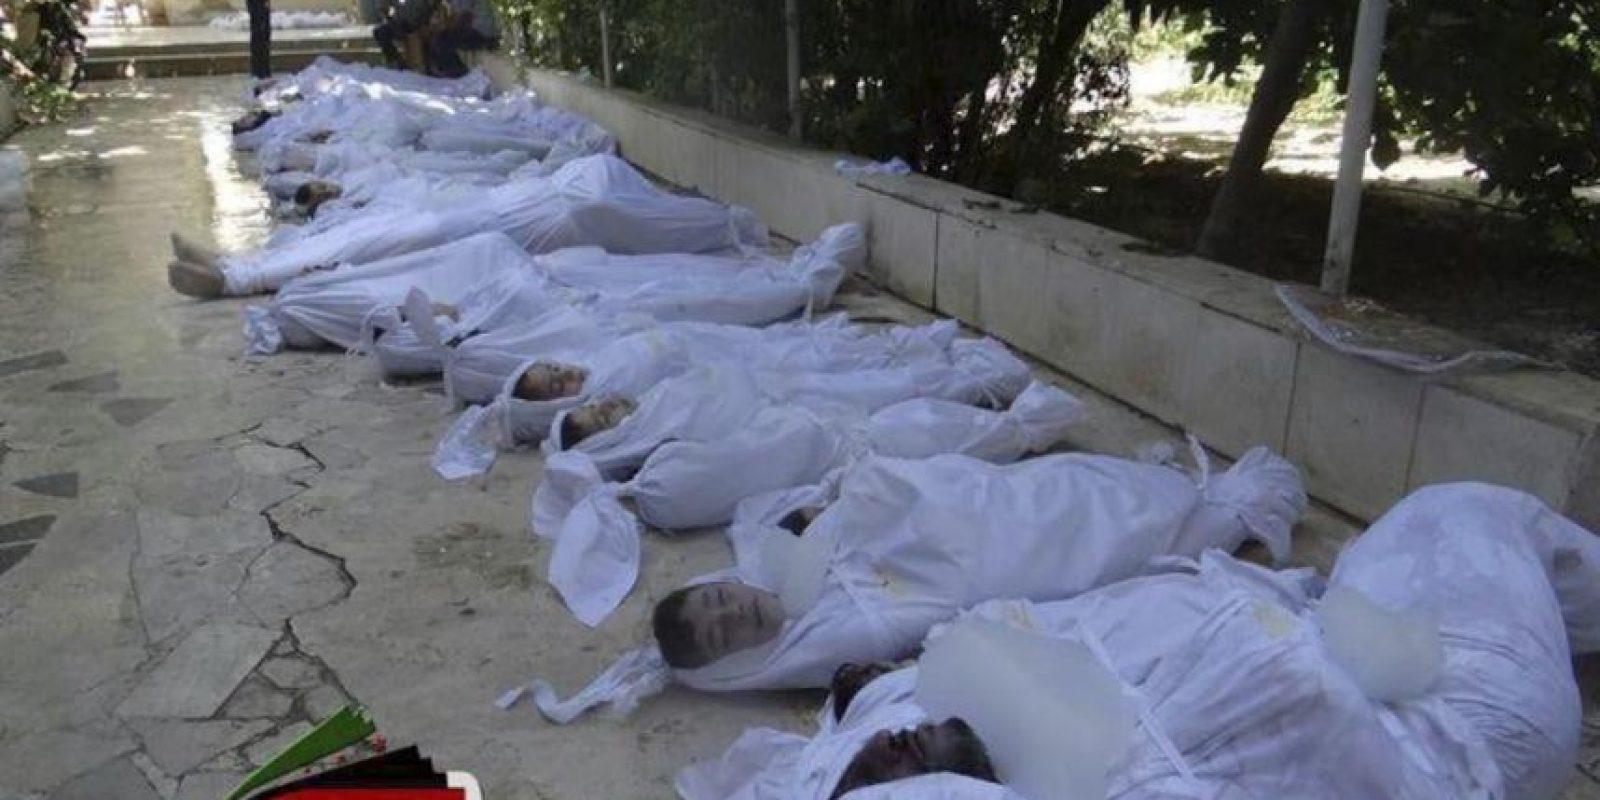 Fotografía facilitada por el Comité Local de Arbeen que muestra los cuerpos sin vida de varios sirios tras un supuesto ataque con gases tóxicos a las afueras de Damasco (Siria), el pasado miércoles. EFE